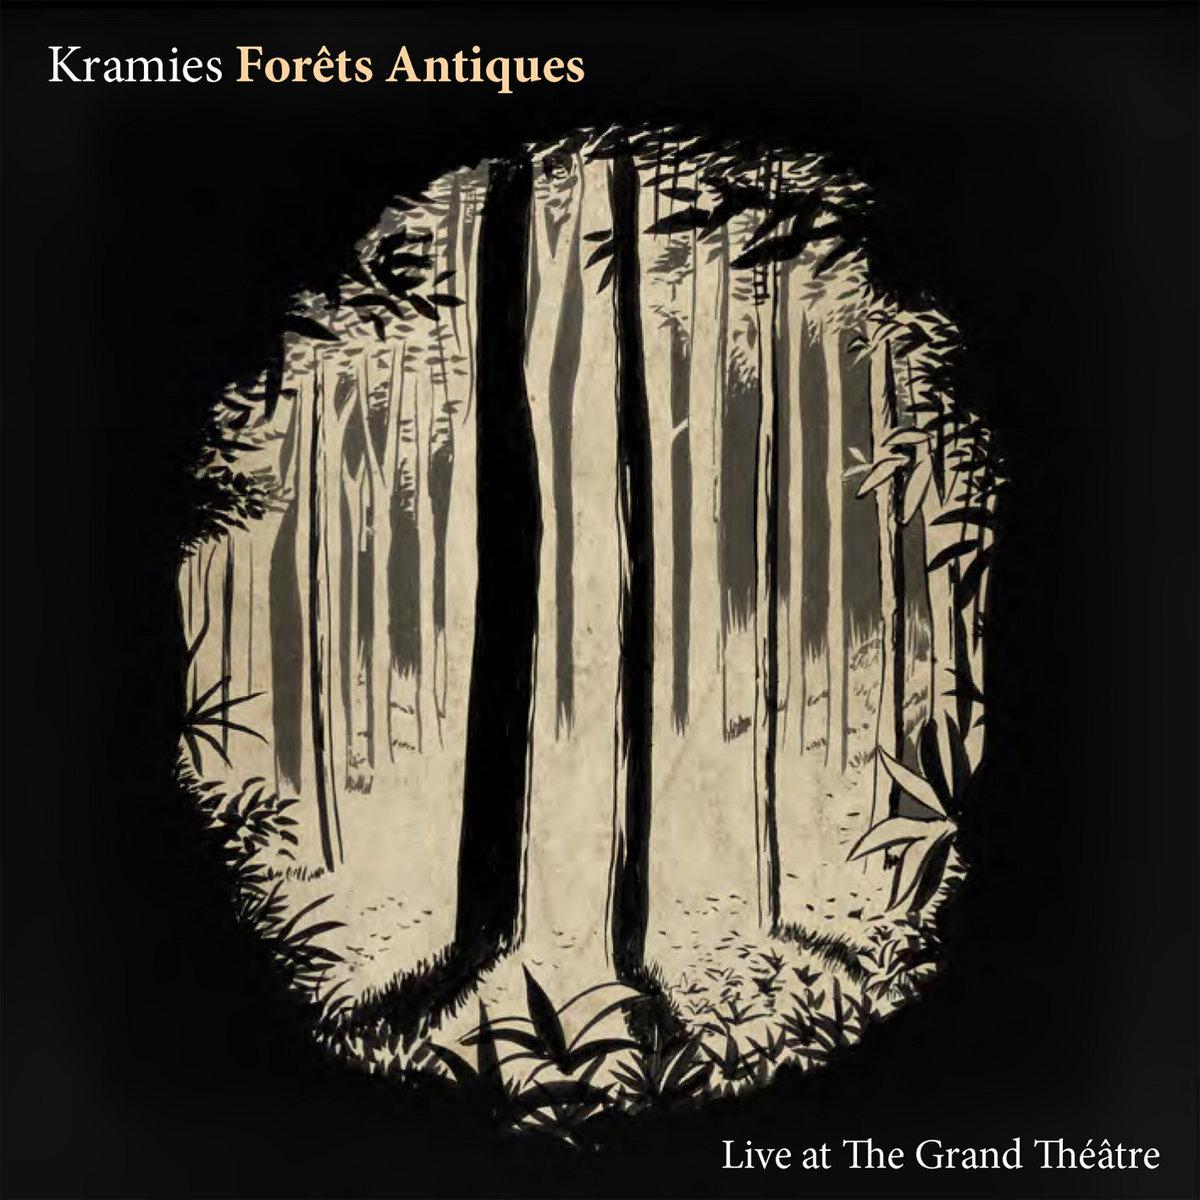 kramies - Forêts antiques